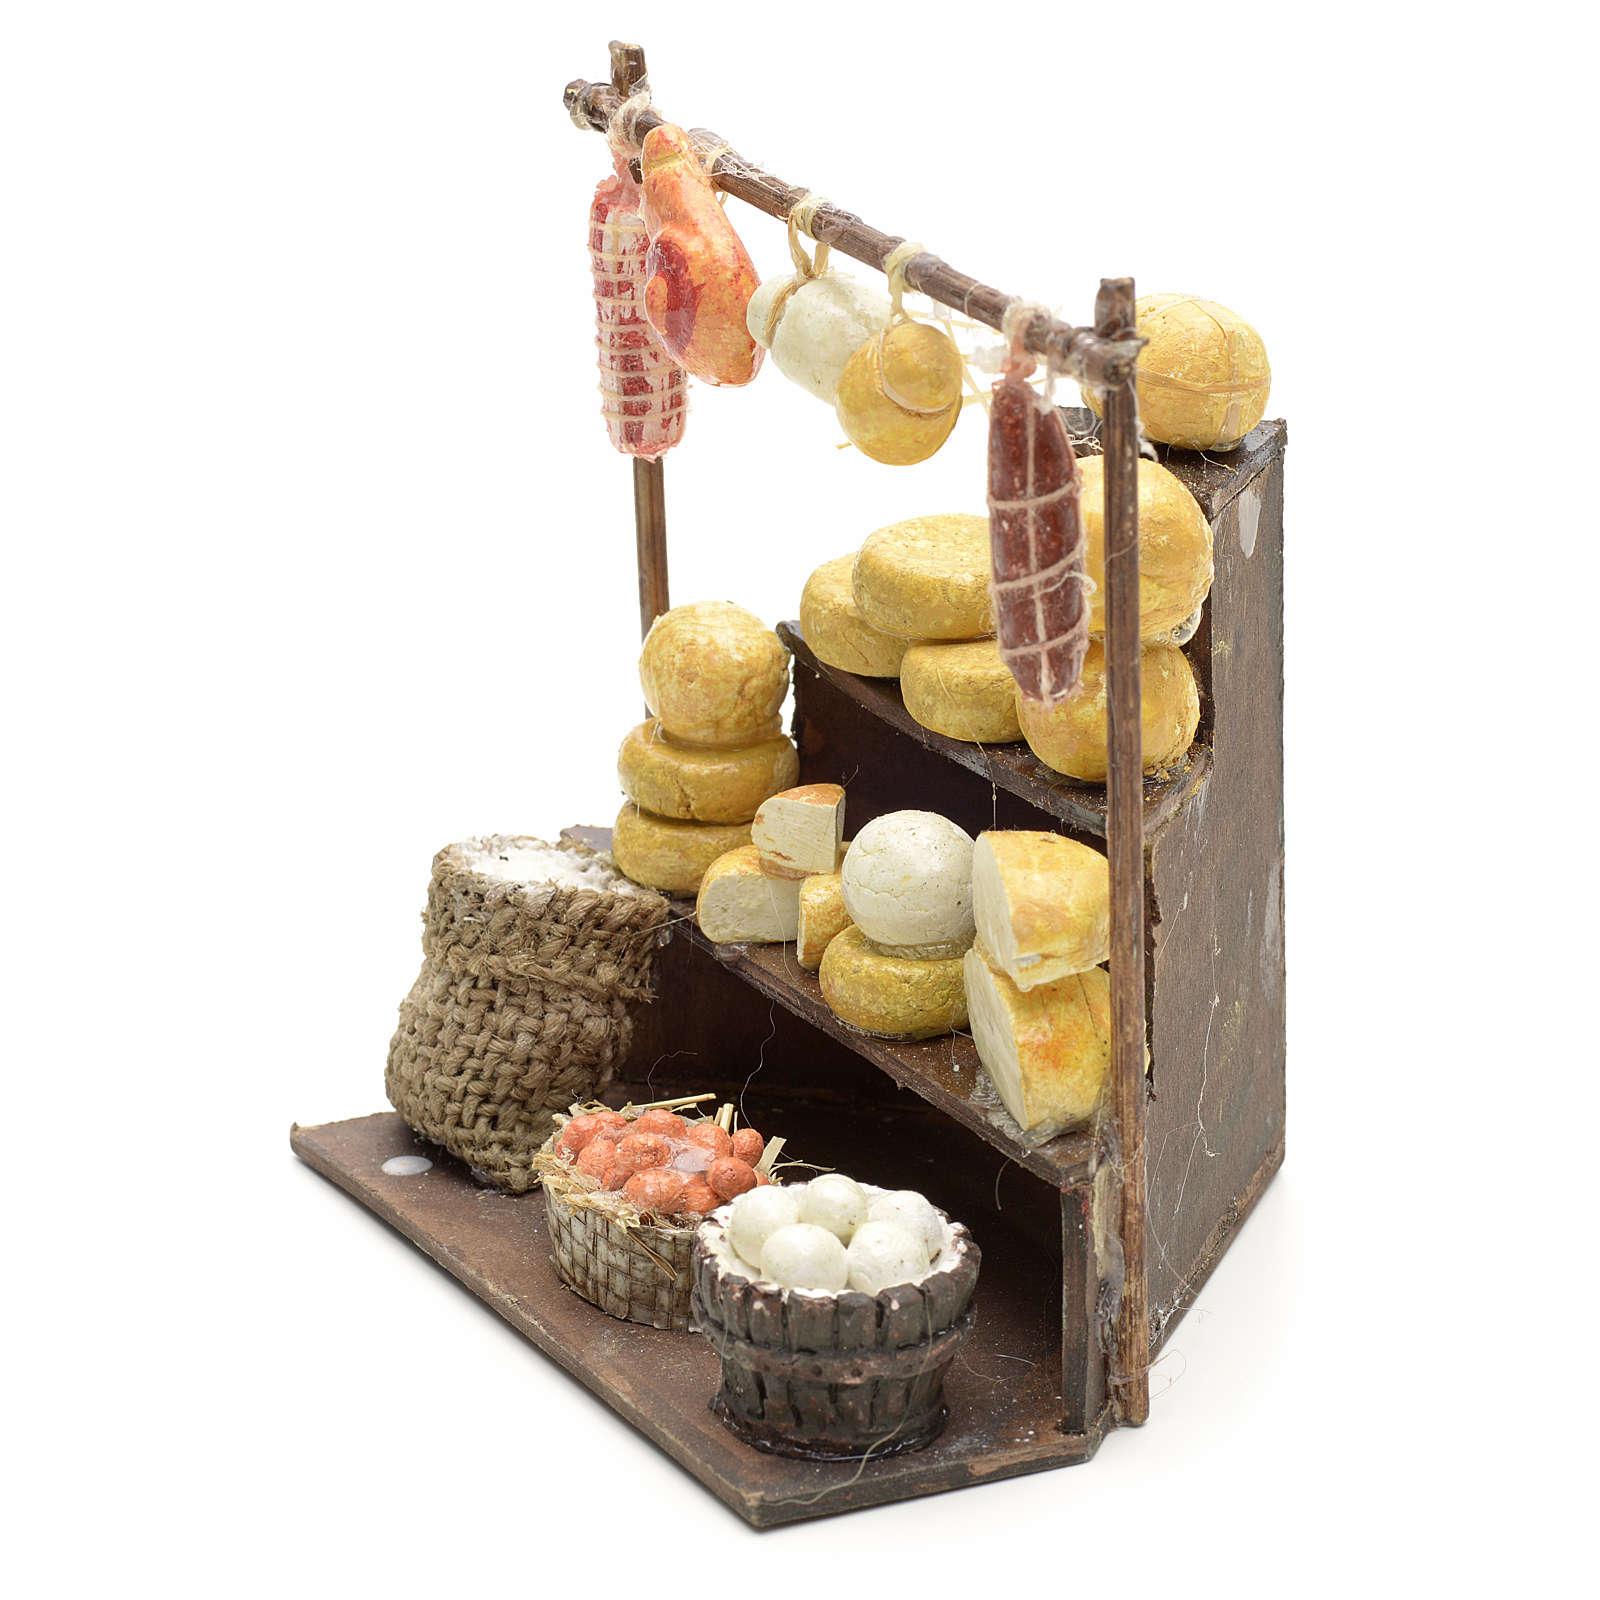 Banc aux charcuteries et fromages en miniature 11x11x10 4